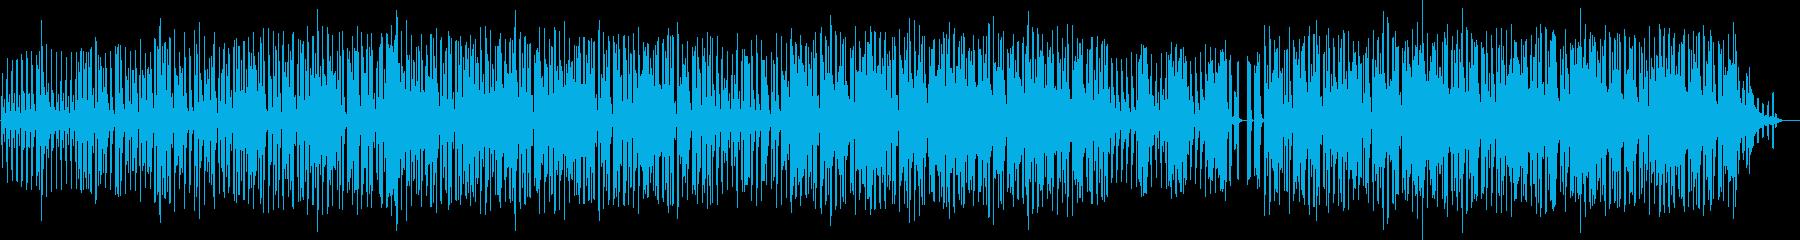 コミカルでノリの良いテクノの再生済みの波形